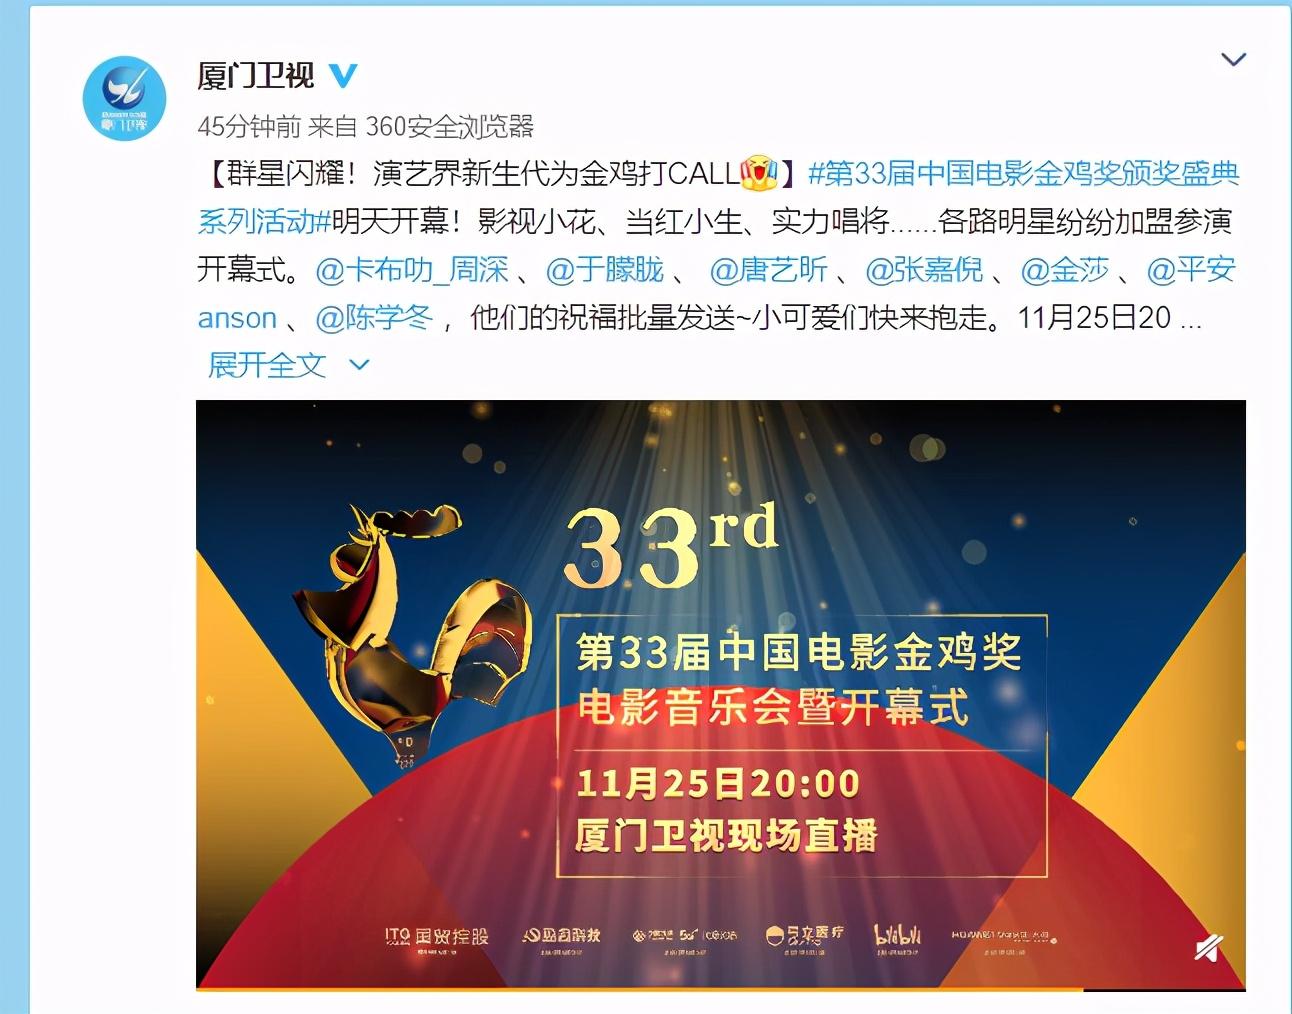 第33届金鸡奖电影音乐会暨开幕式,周深,刘宇宁,期待吗?